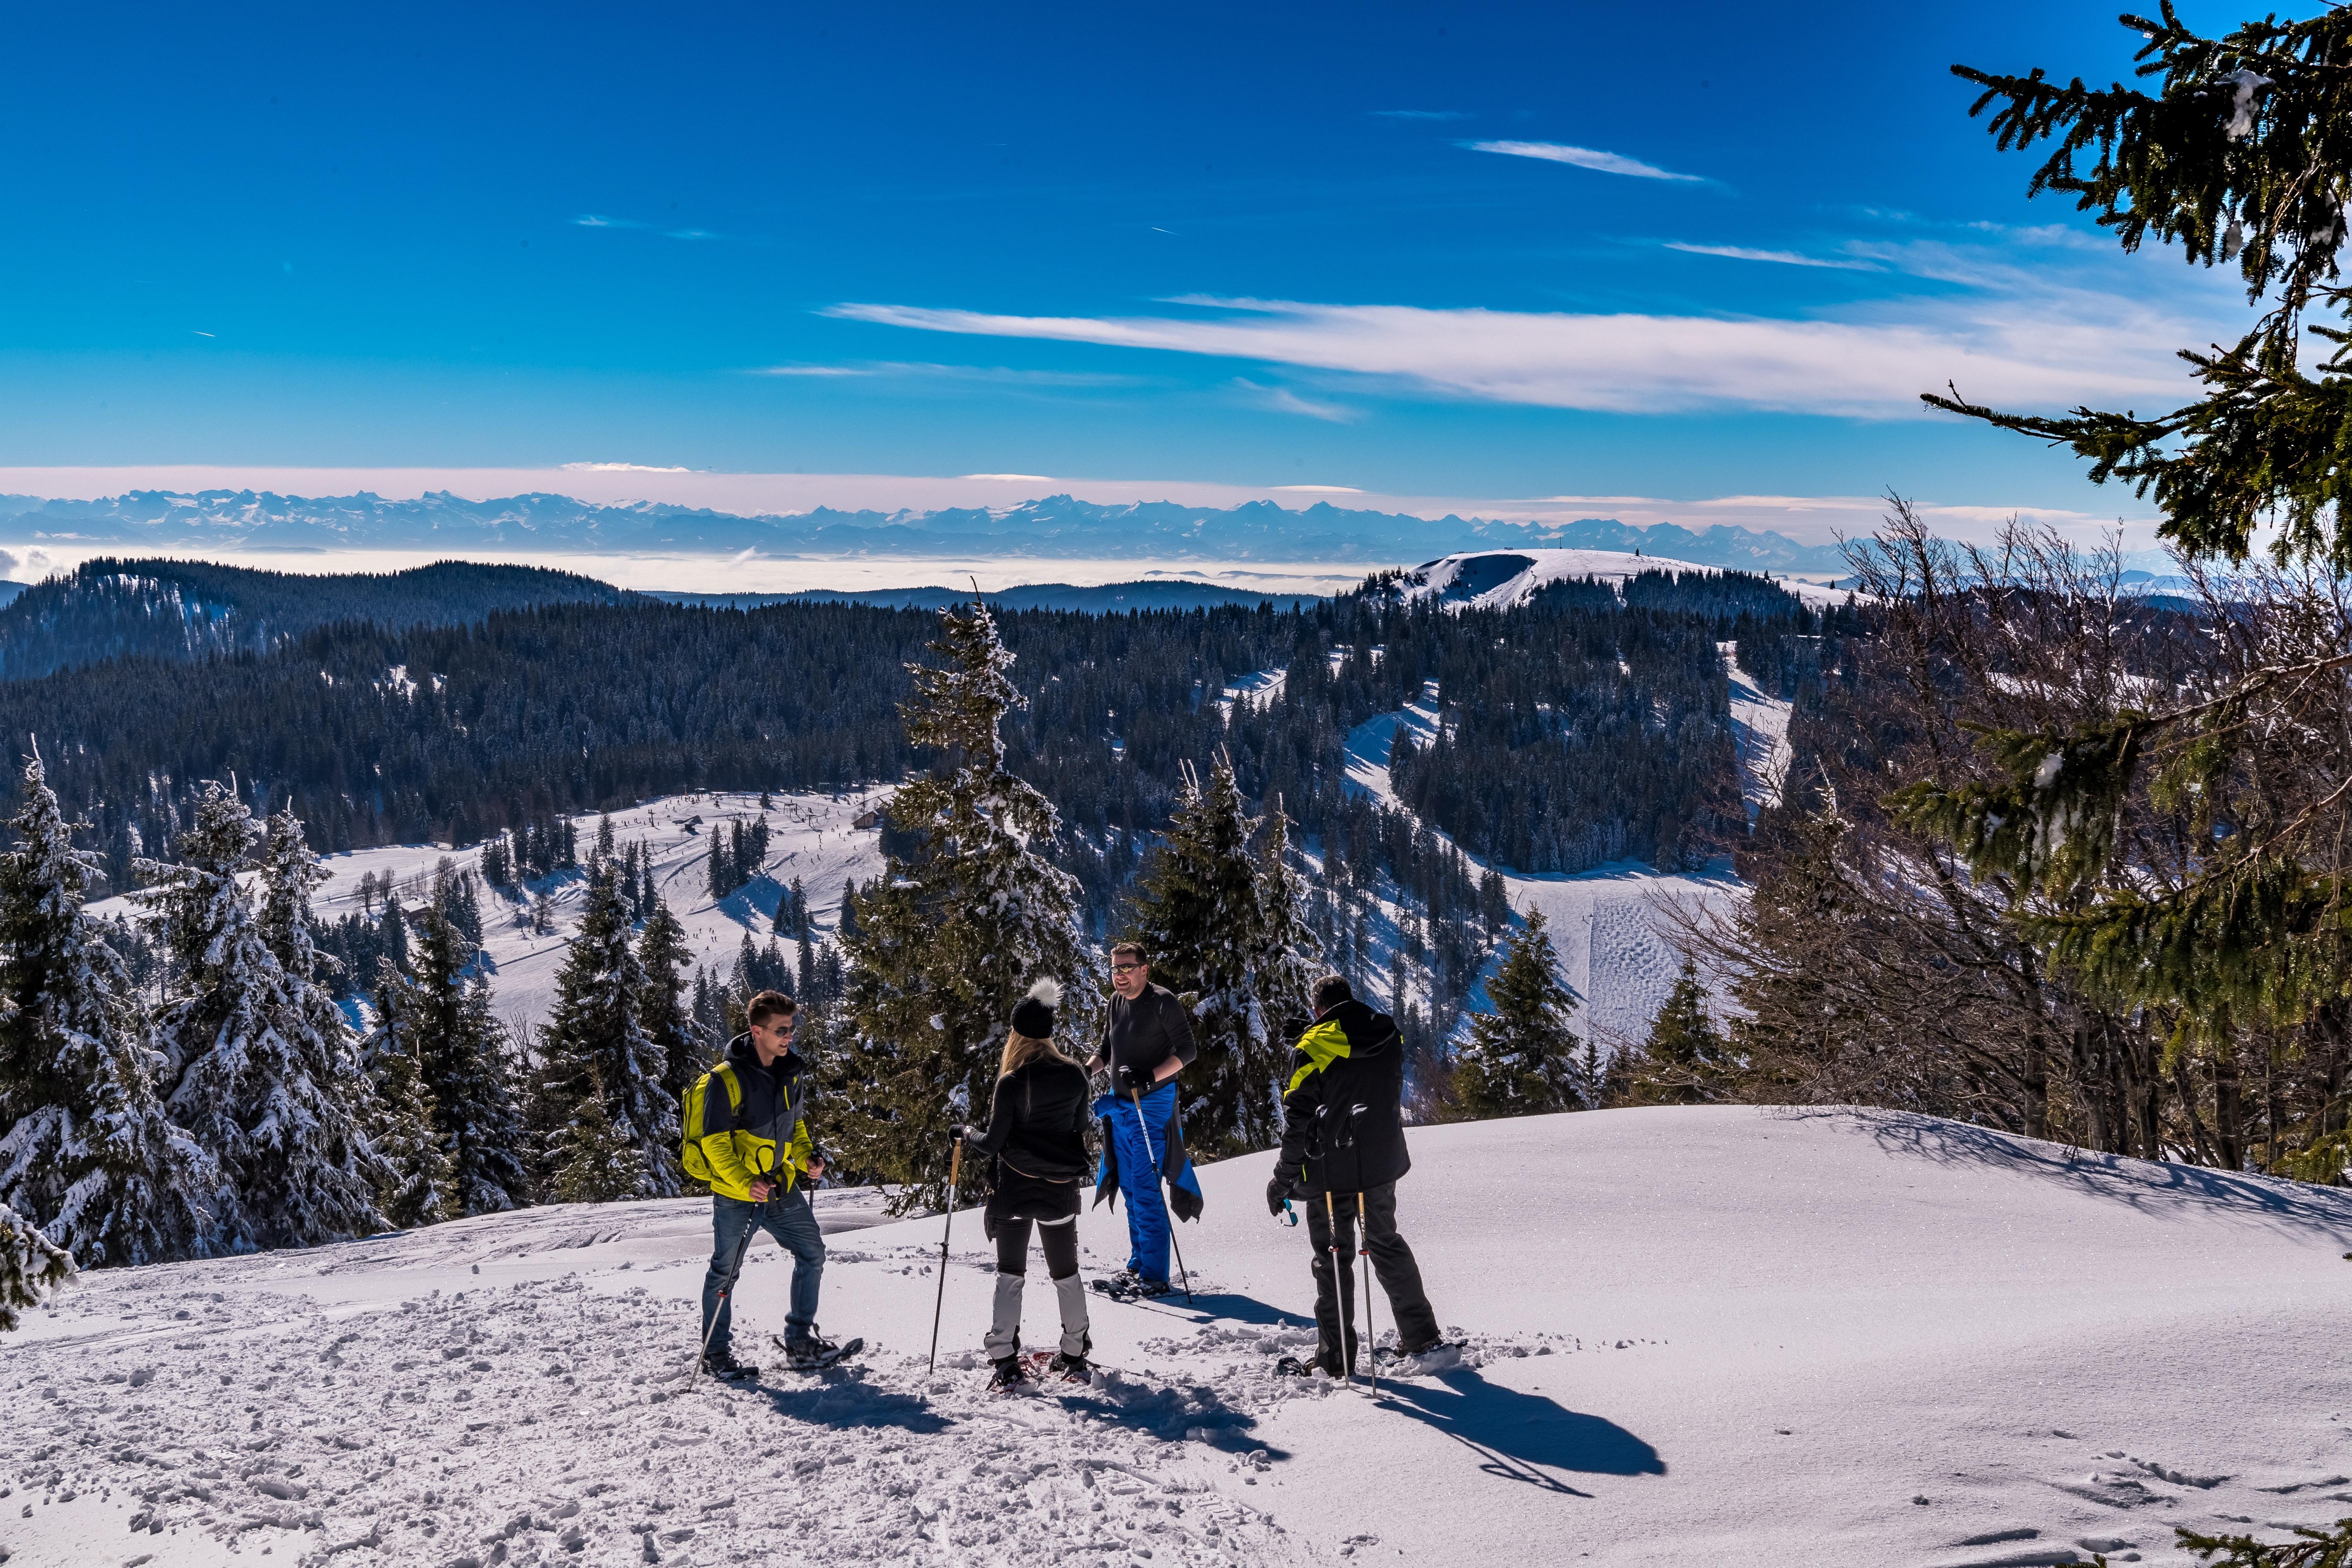 Schneeschuhwandern auf dem Feldberg